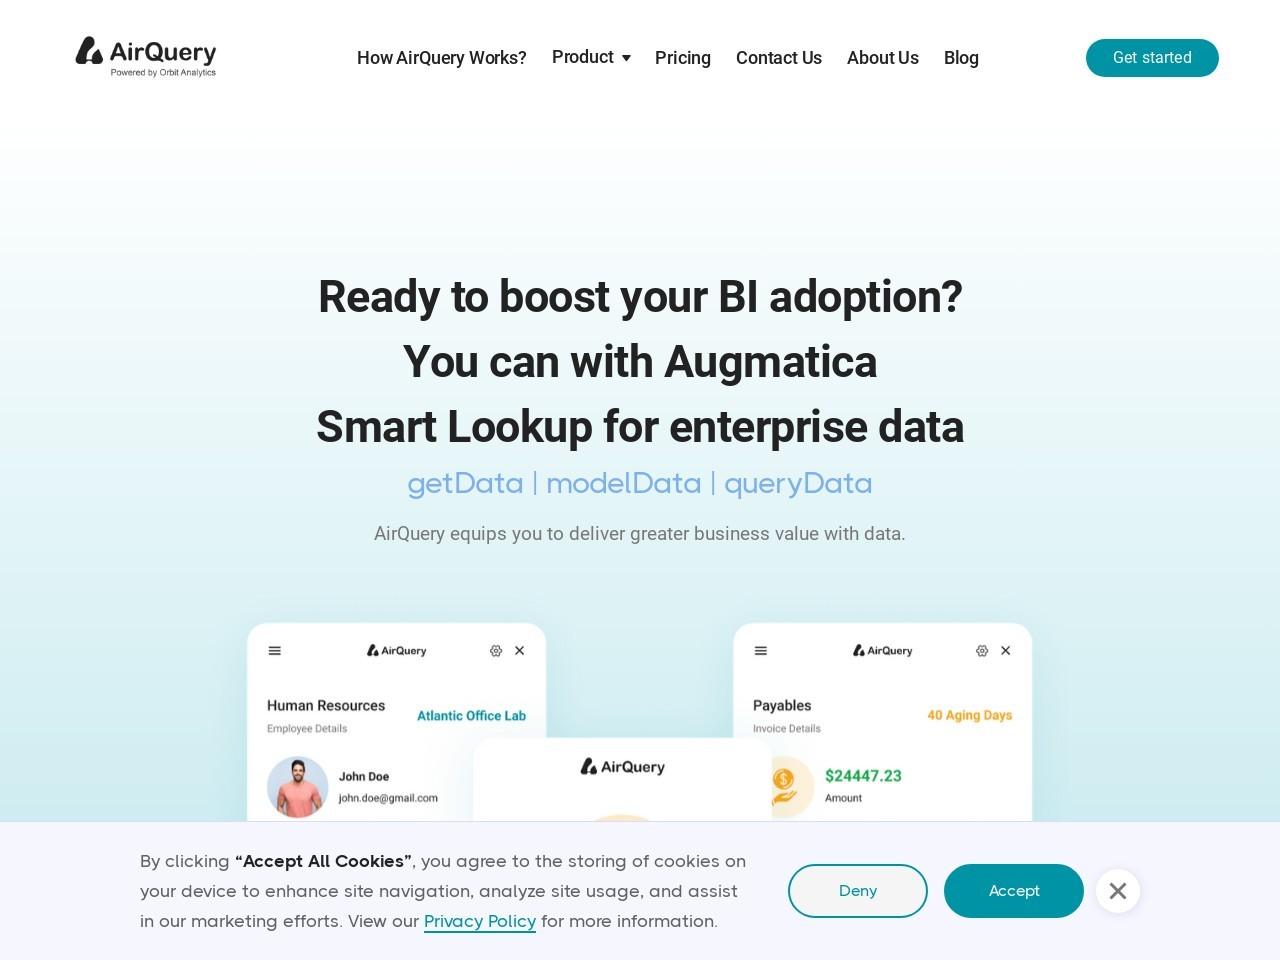 airquery.com